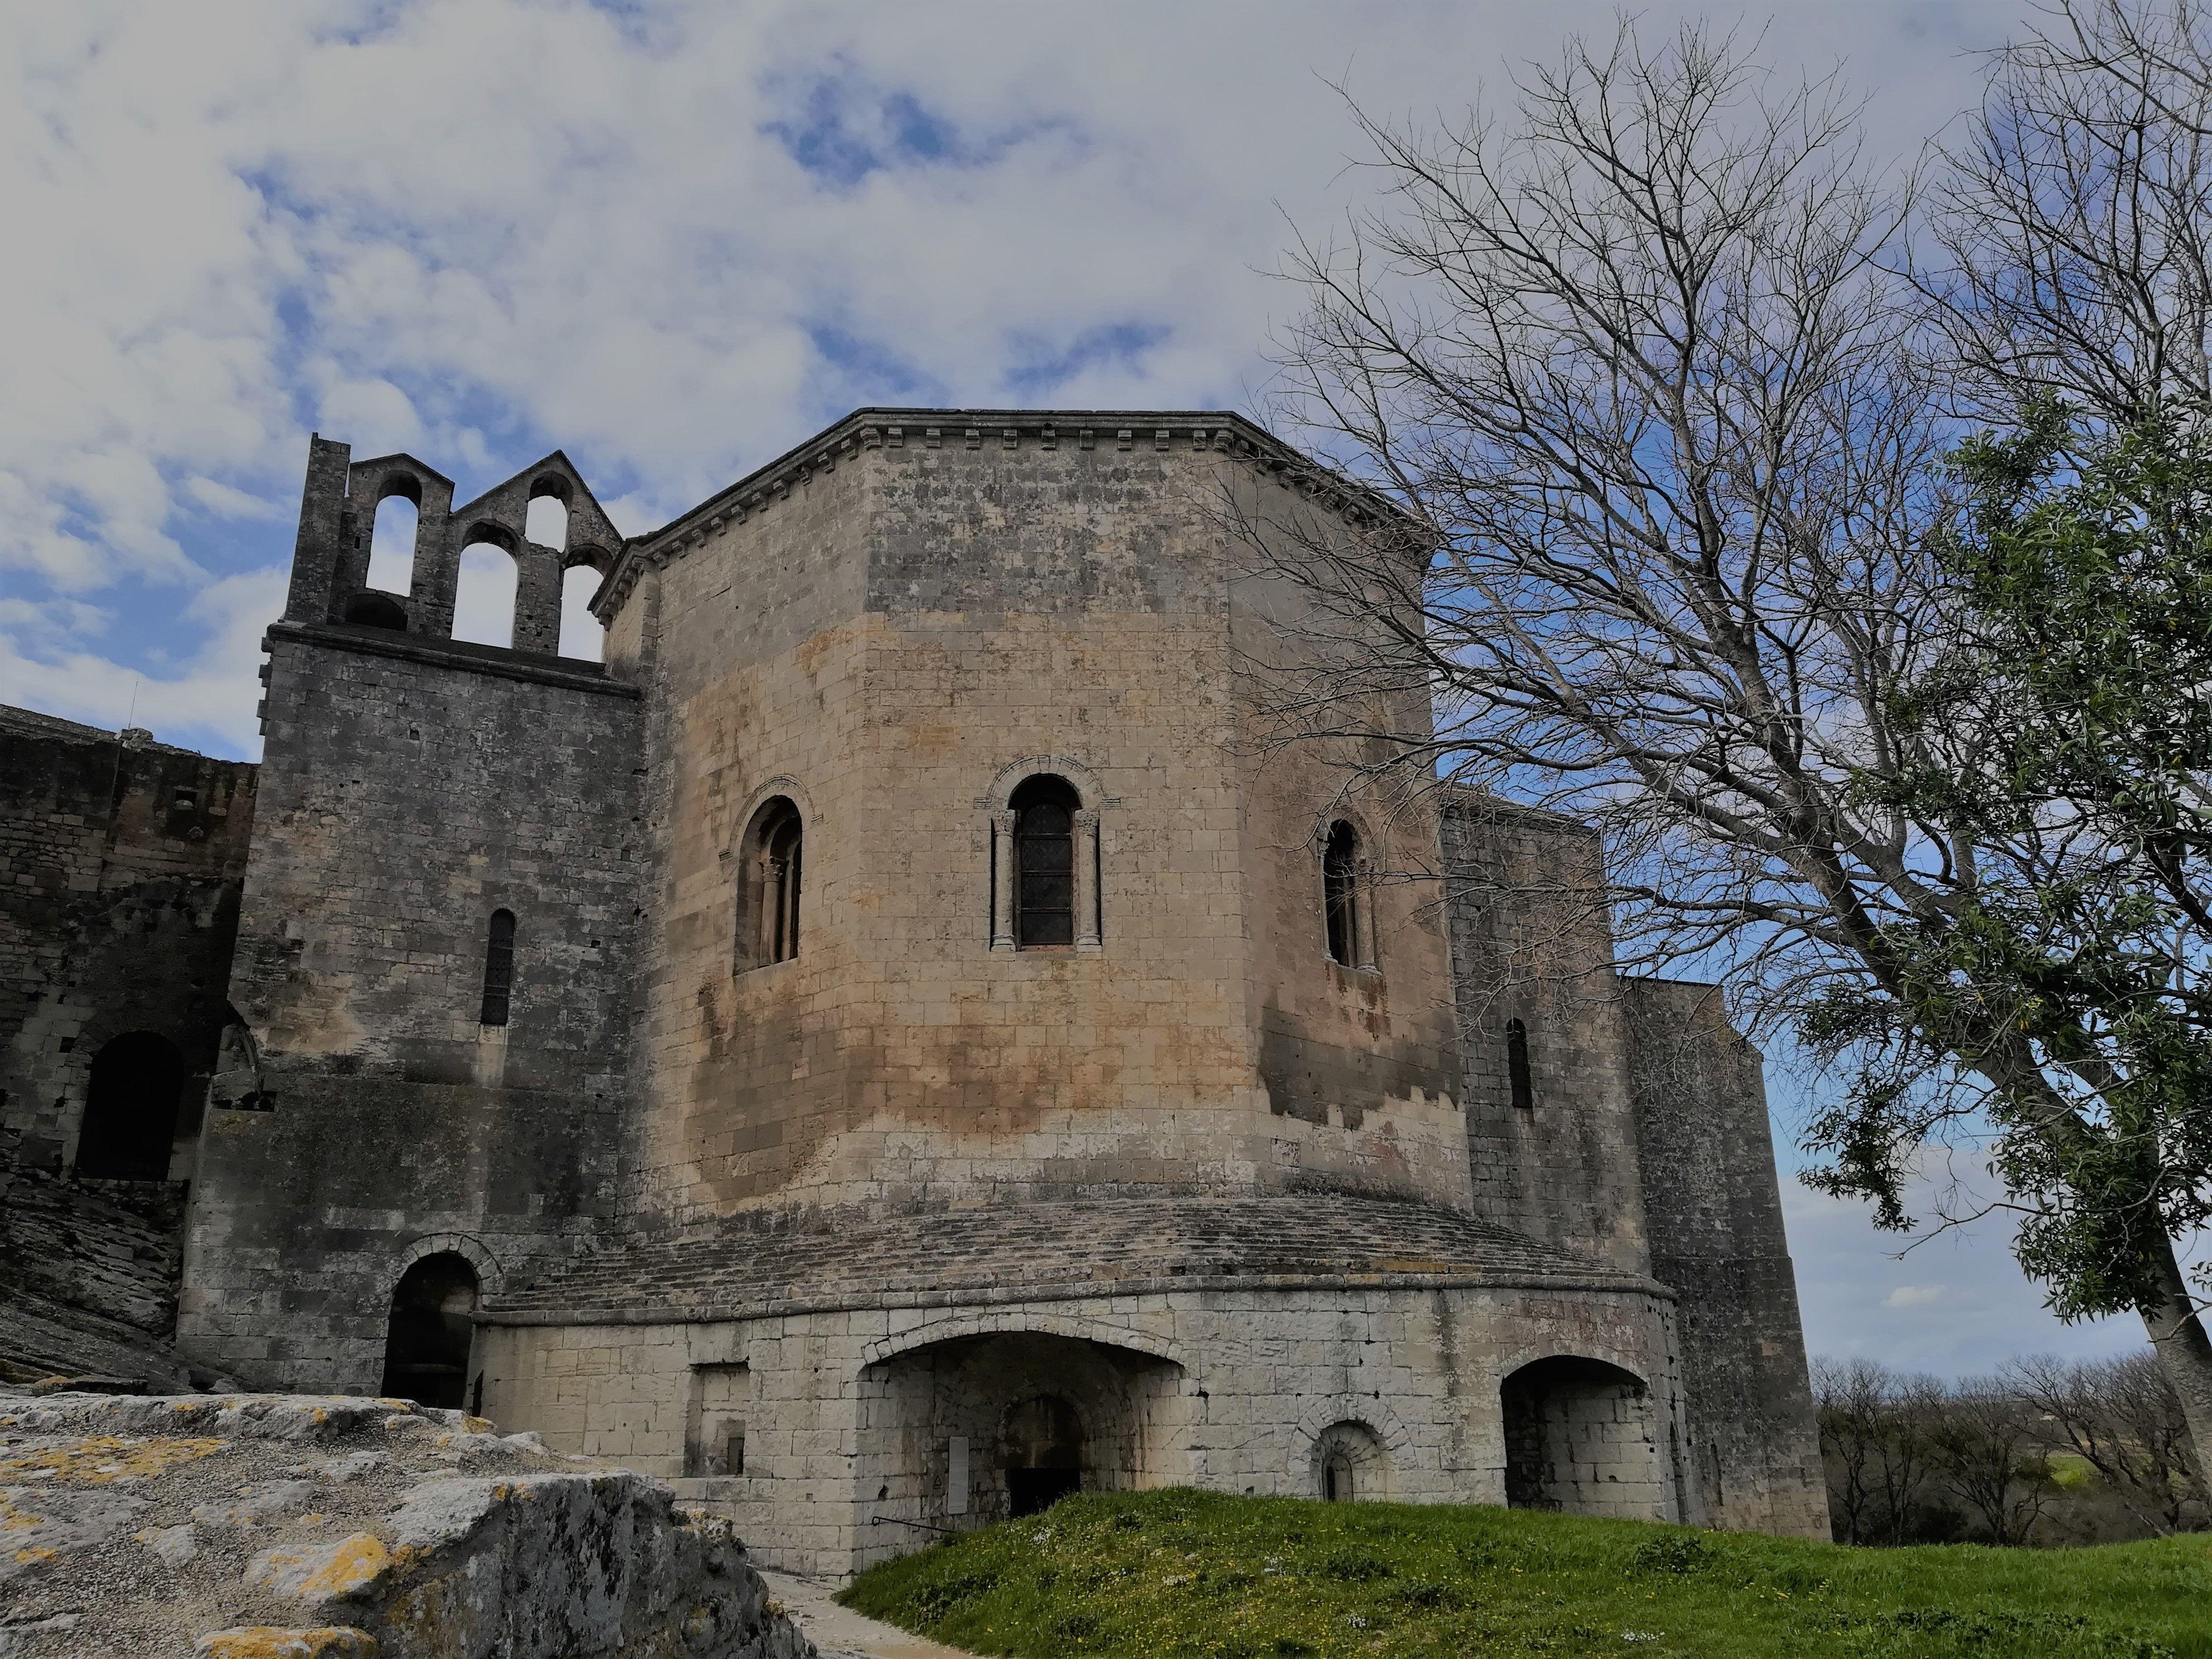 Sortie En Provence L 039 Abbaye De Montmajour En 2020 Batiment Religieux Chemin De Randonnee Monuments Historiques